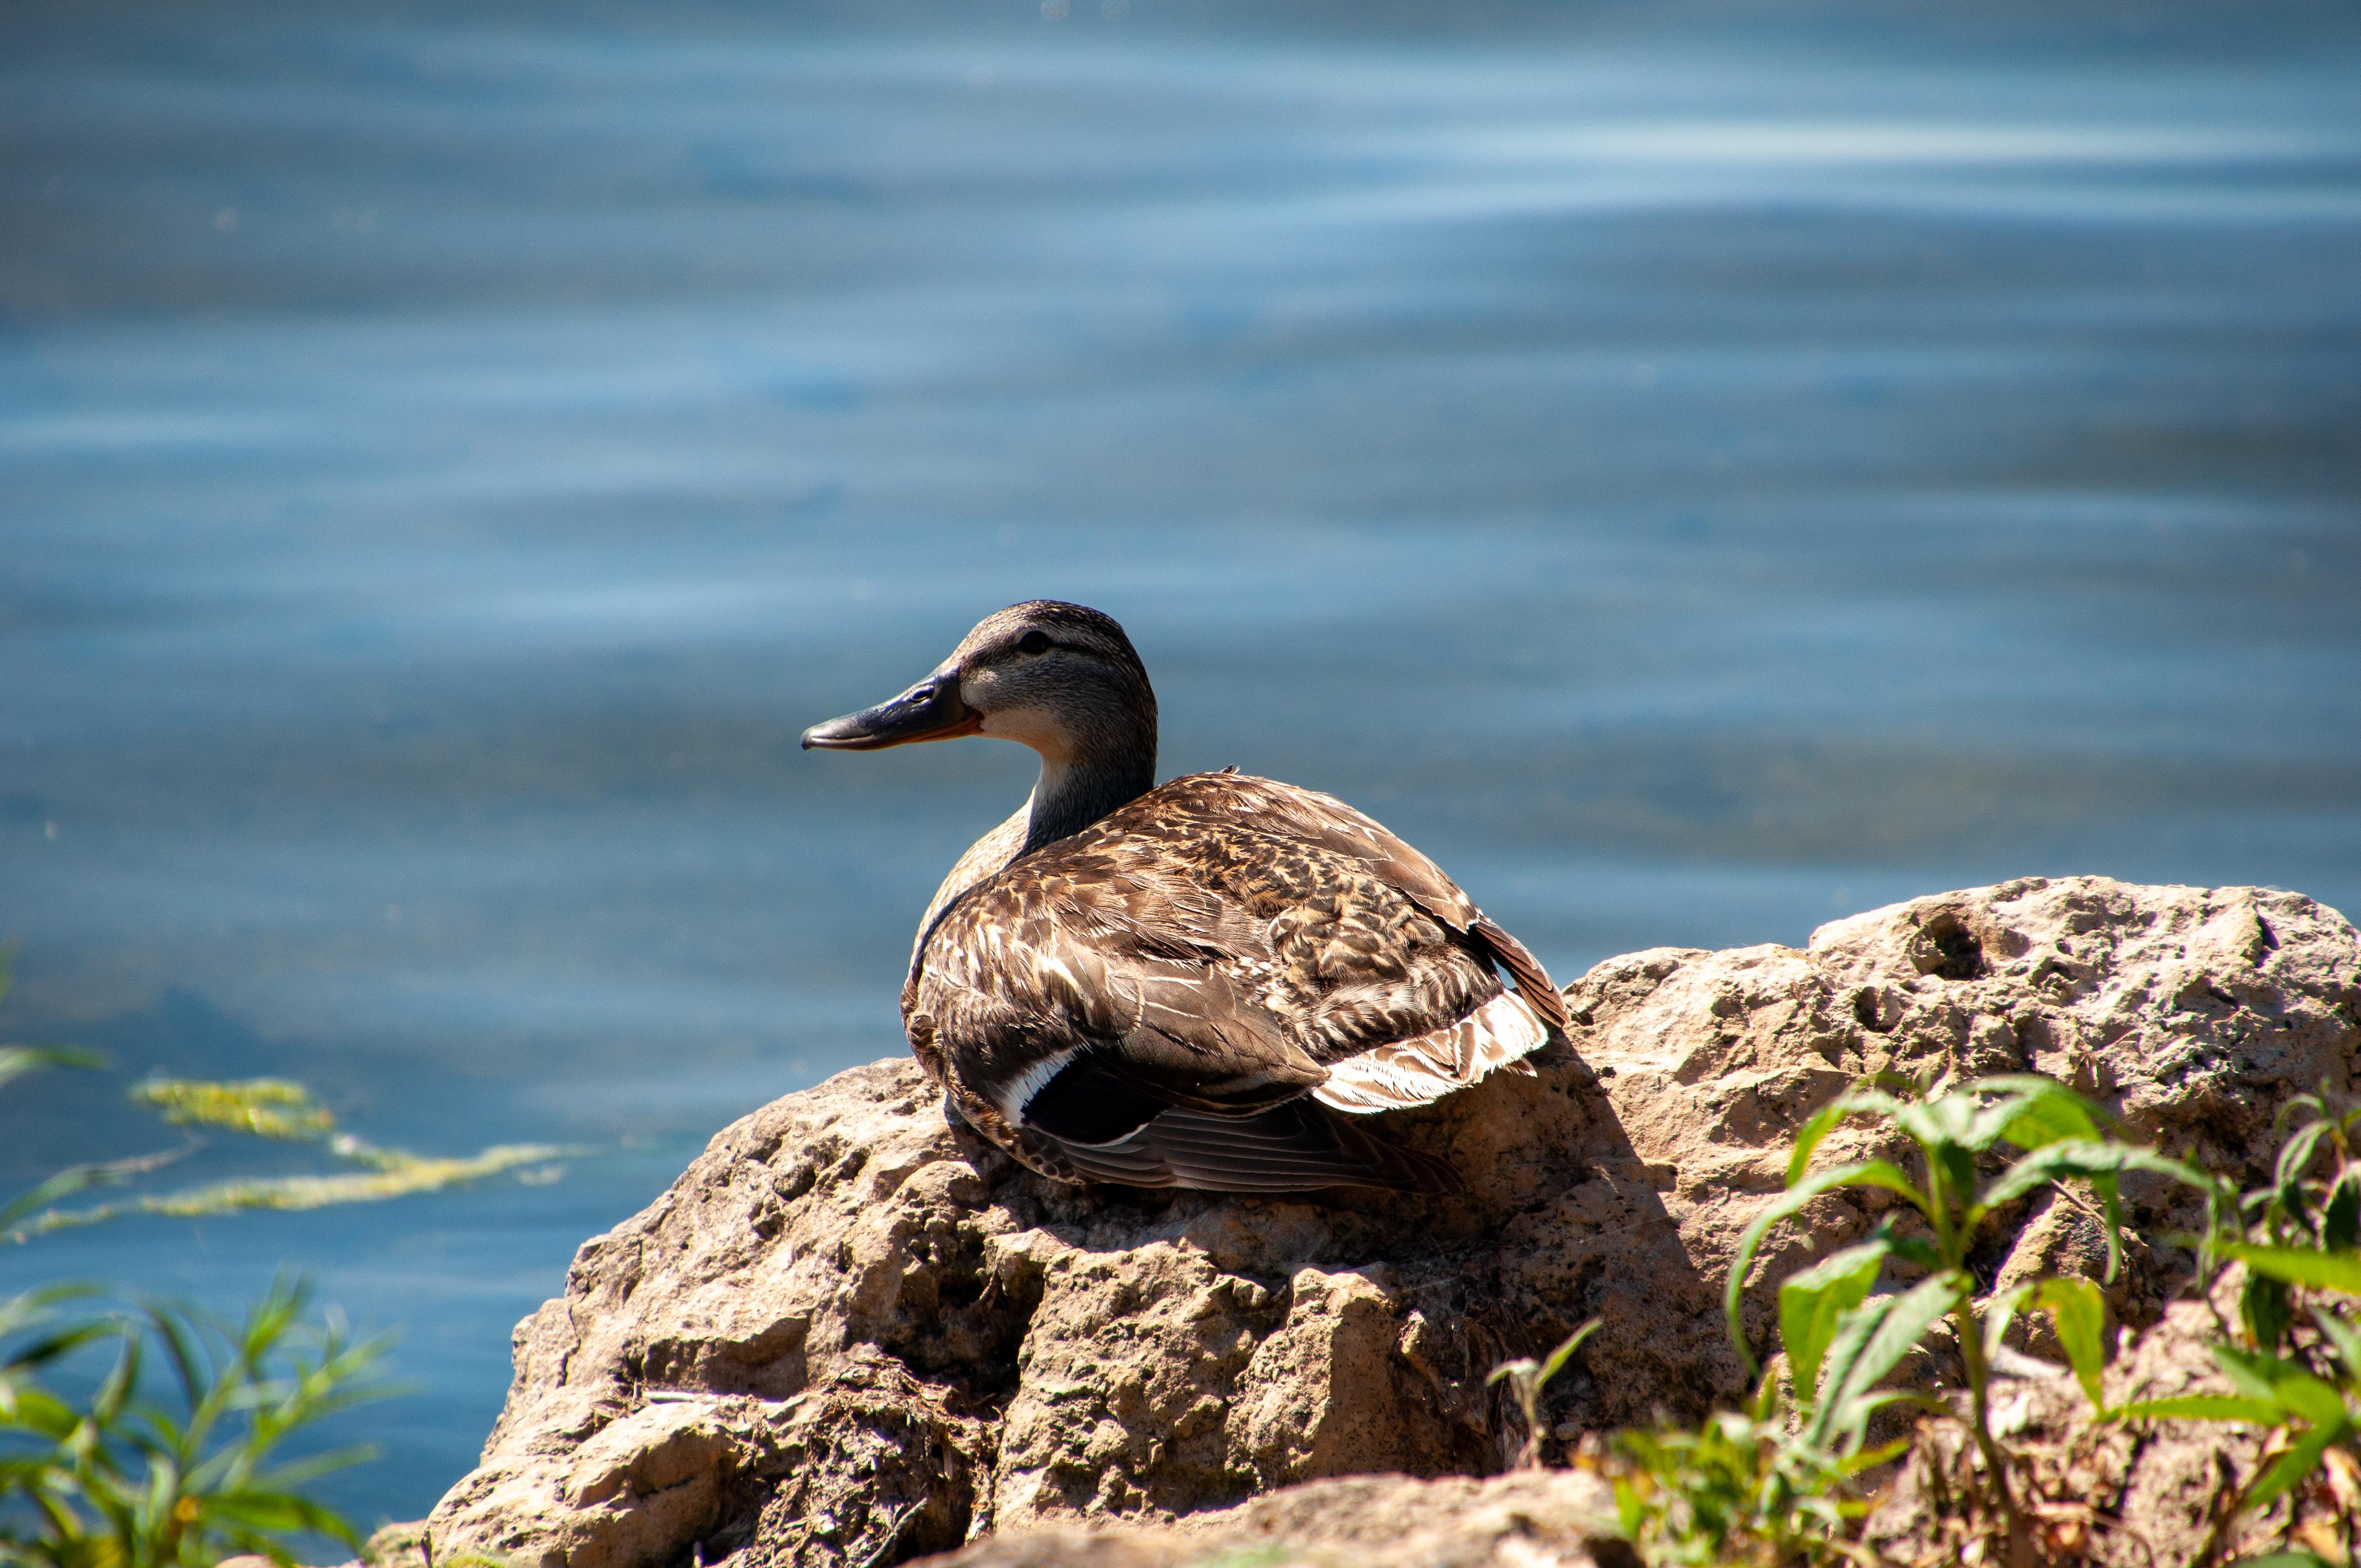 Duck enjoying the lake